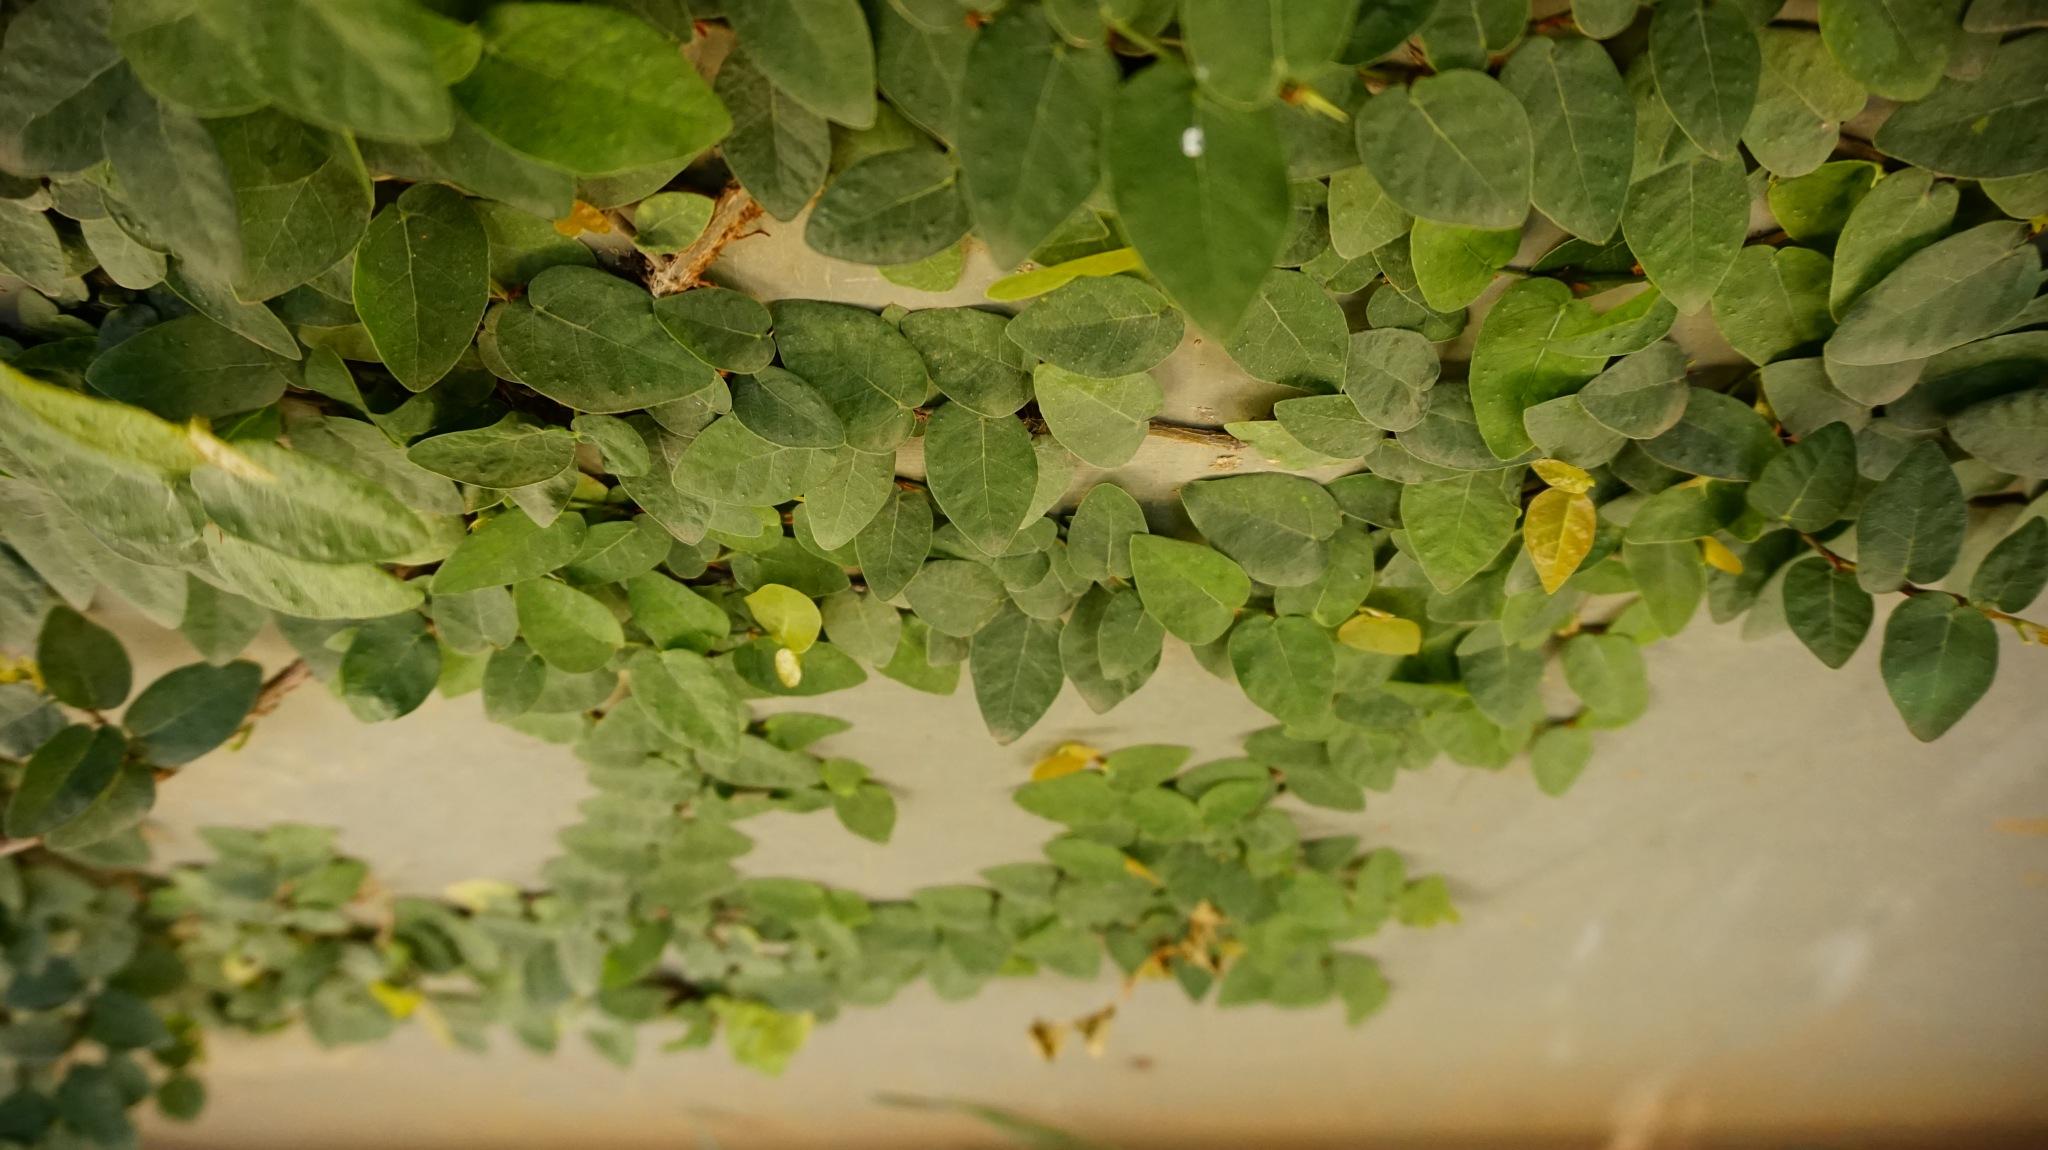 leaves by marineguyy